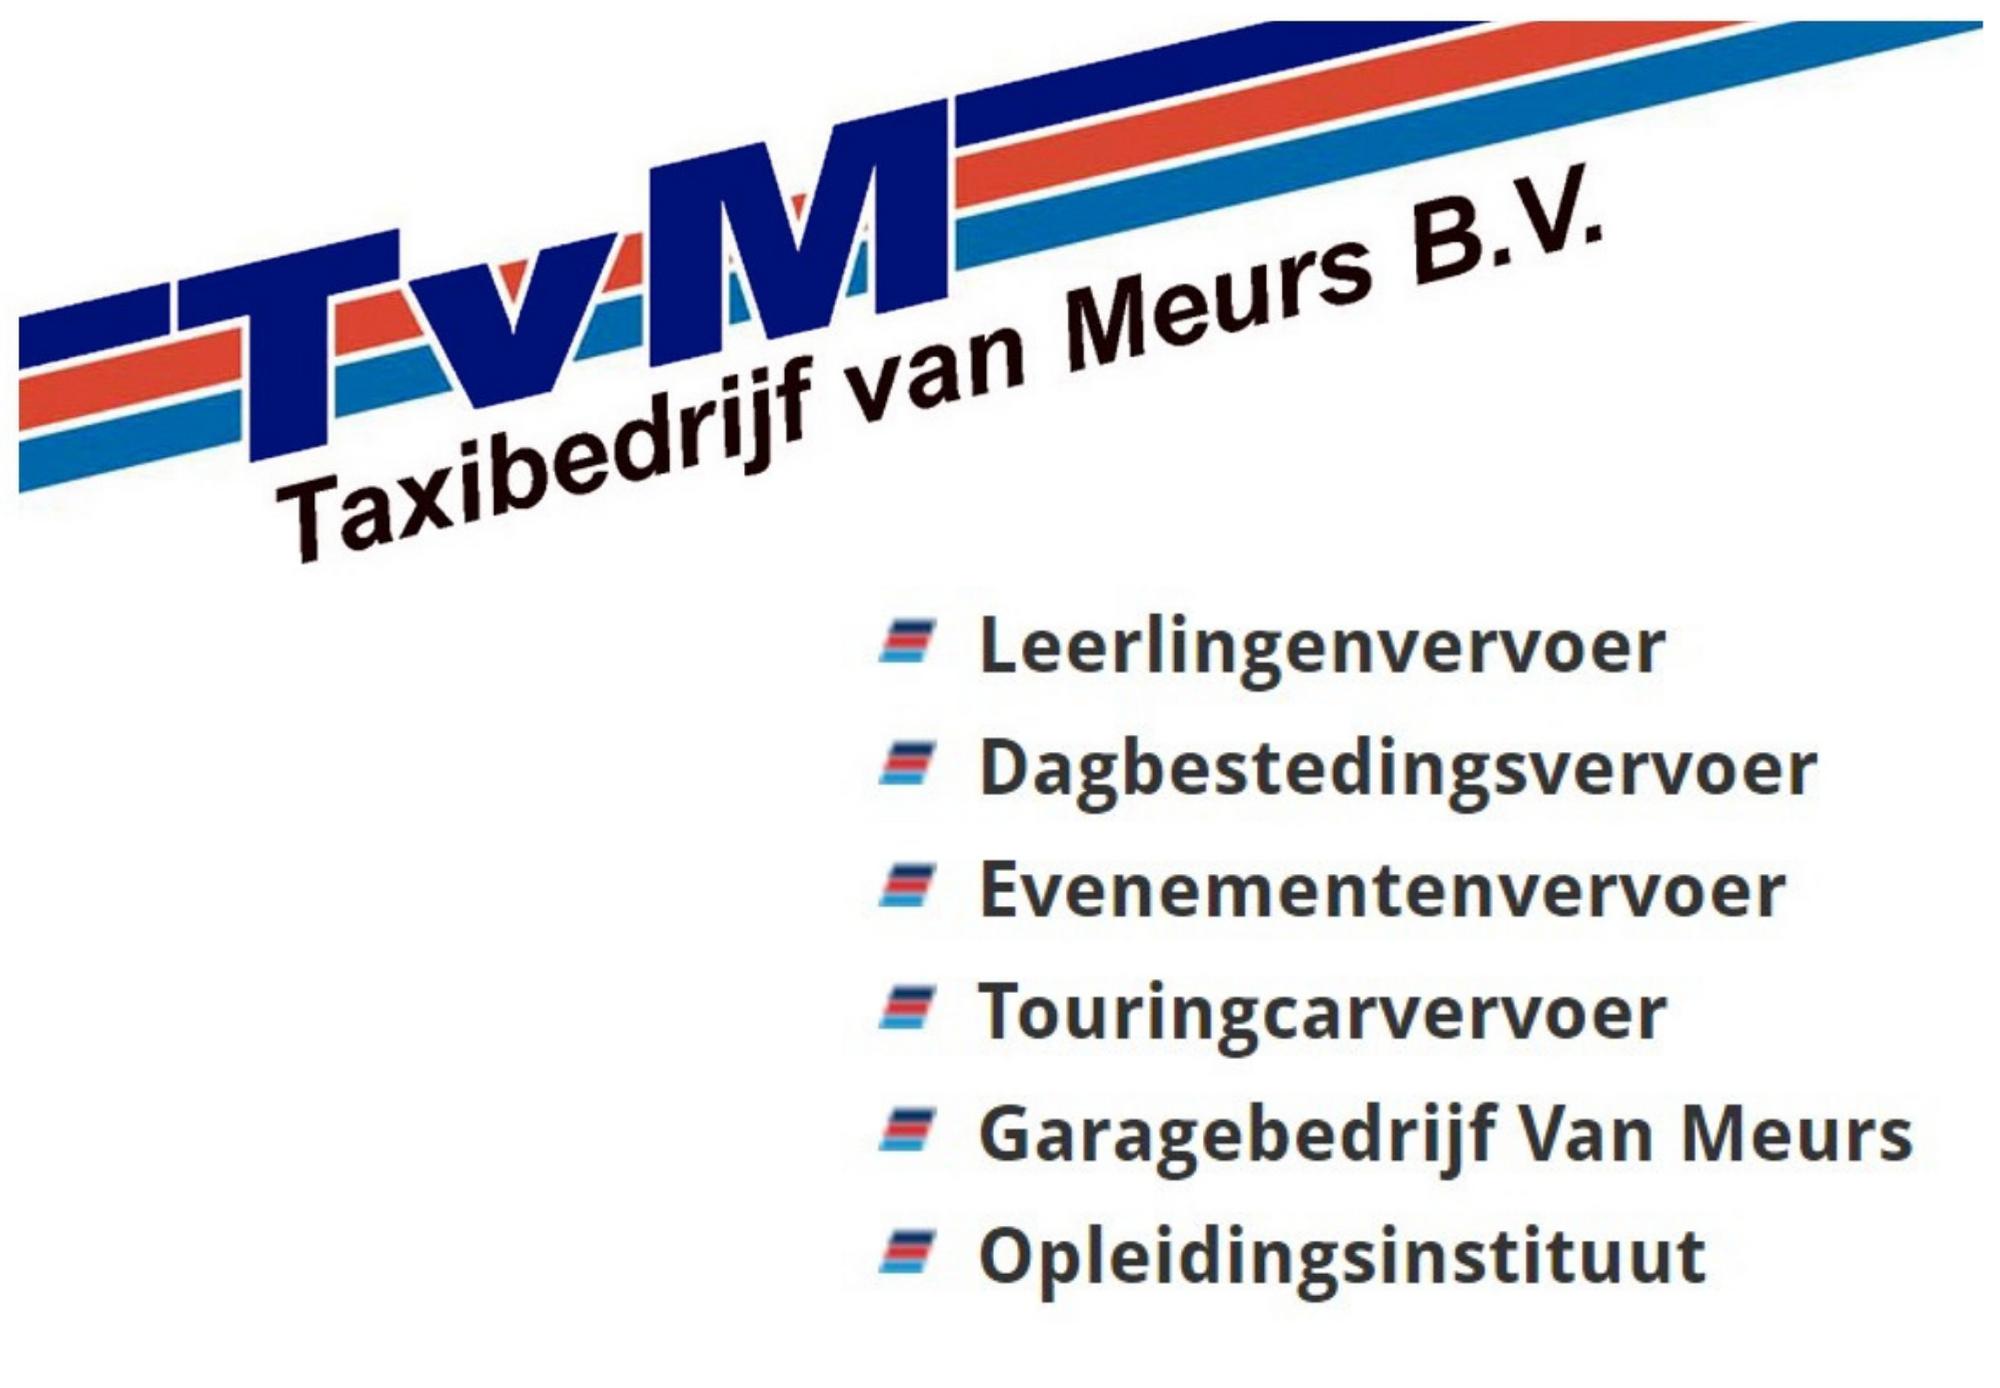 Logo_Taxi_Van_Meurs_180x125